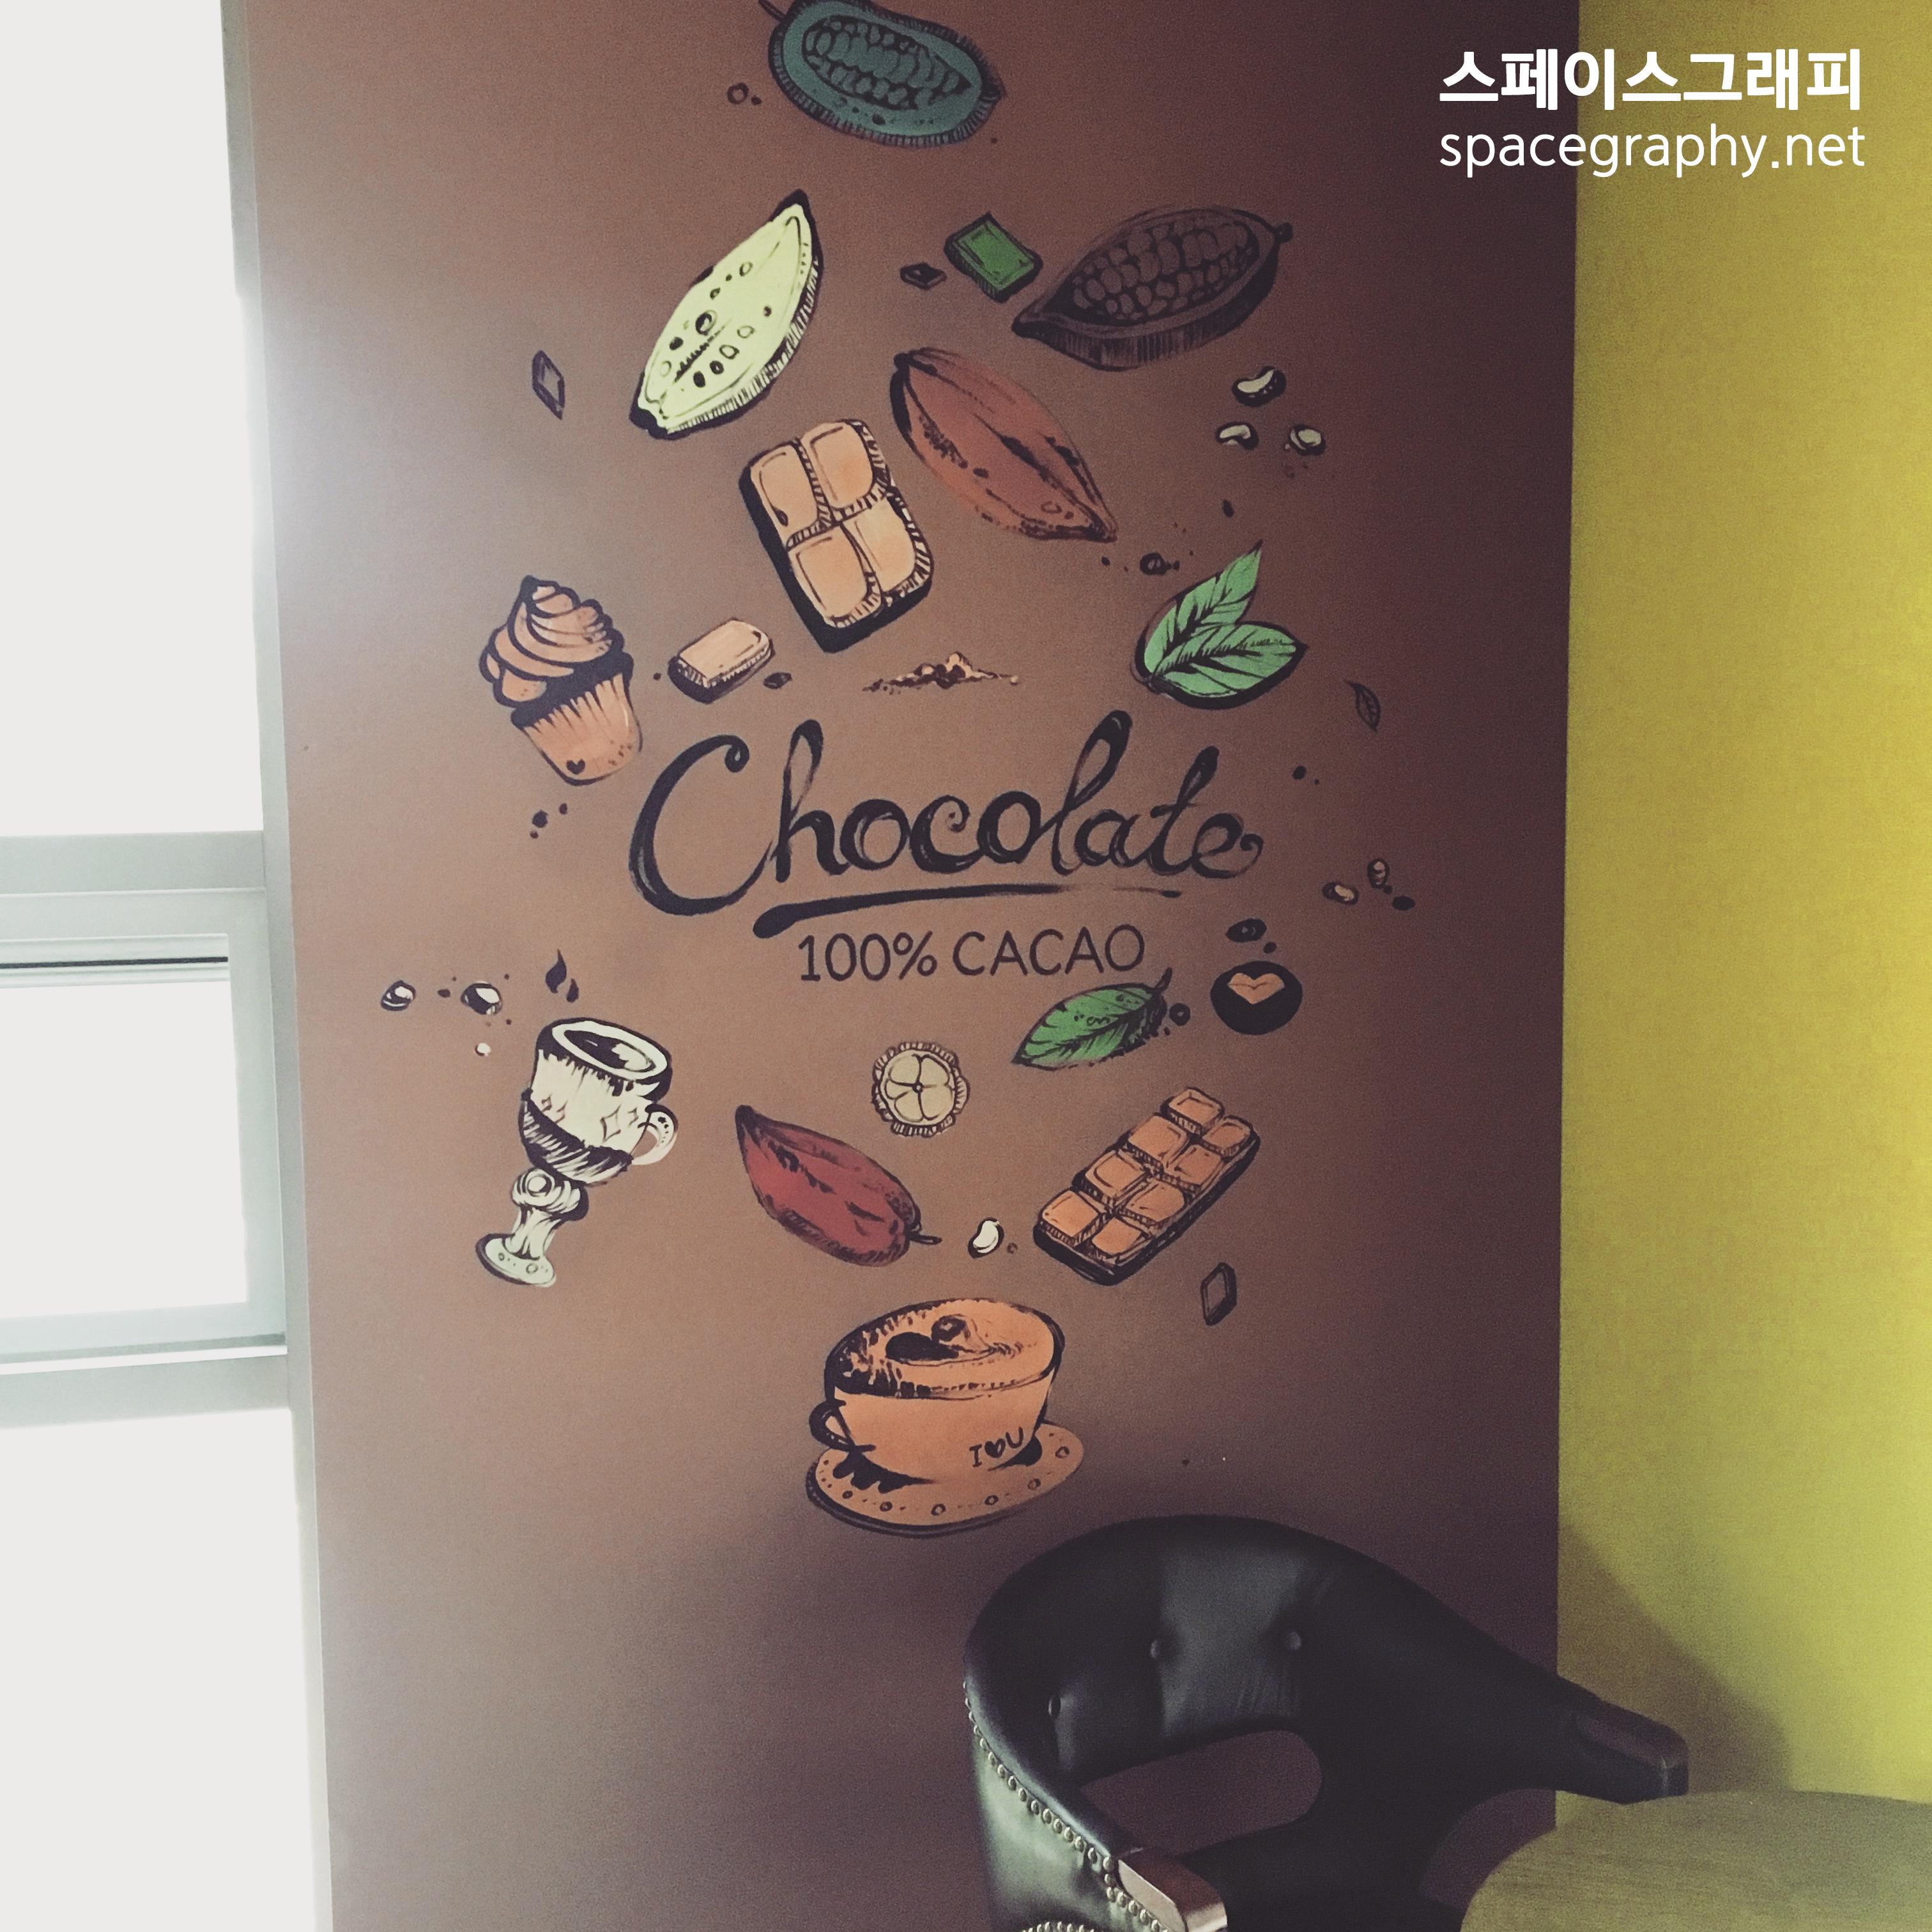 초콜렛카페인테리어_초콜렛벽화_실내벽화_인테리어벽화_디저트카페인테리어_5